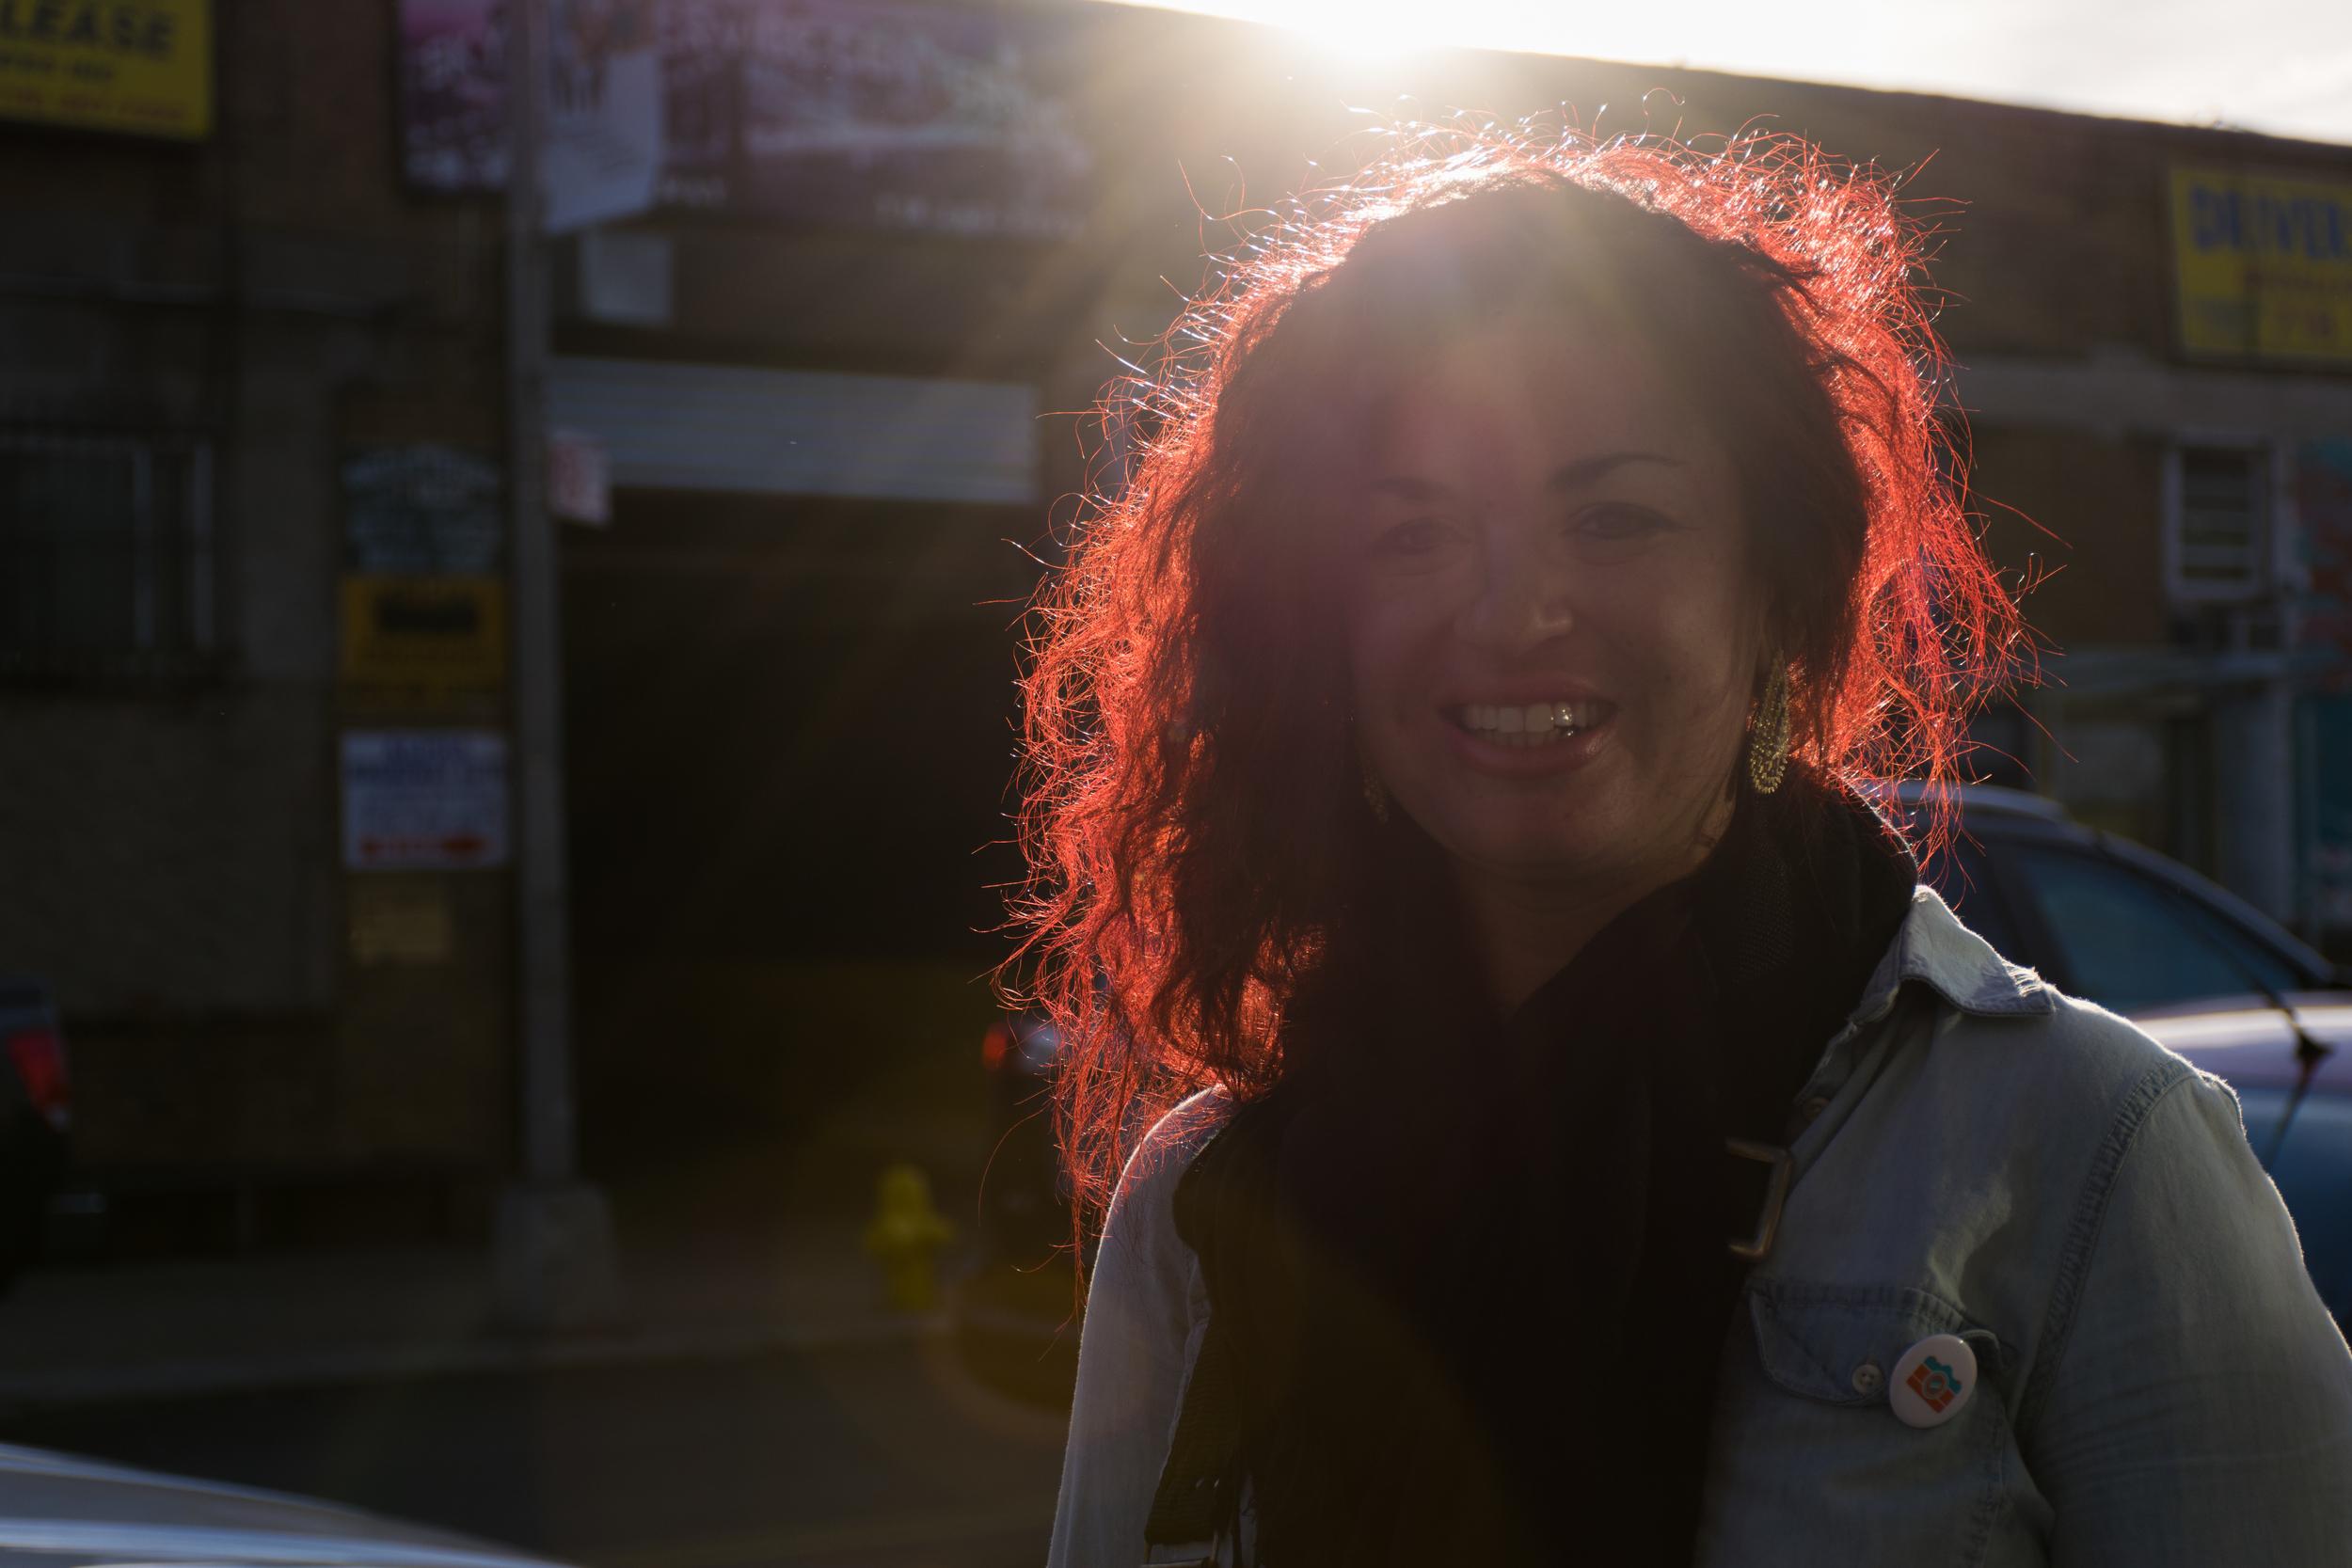 Hair on Fire